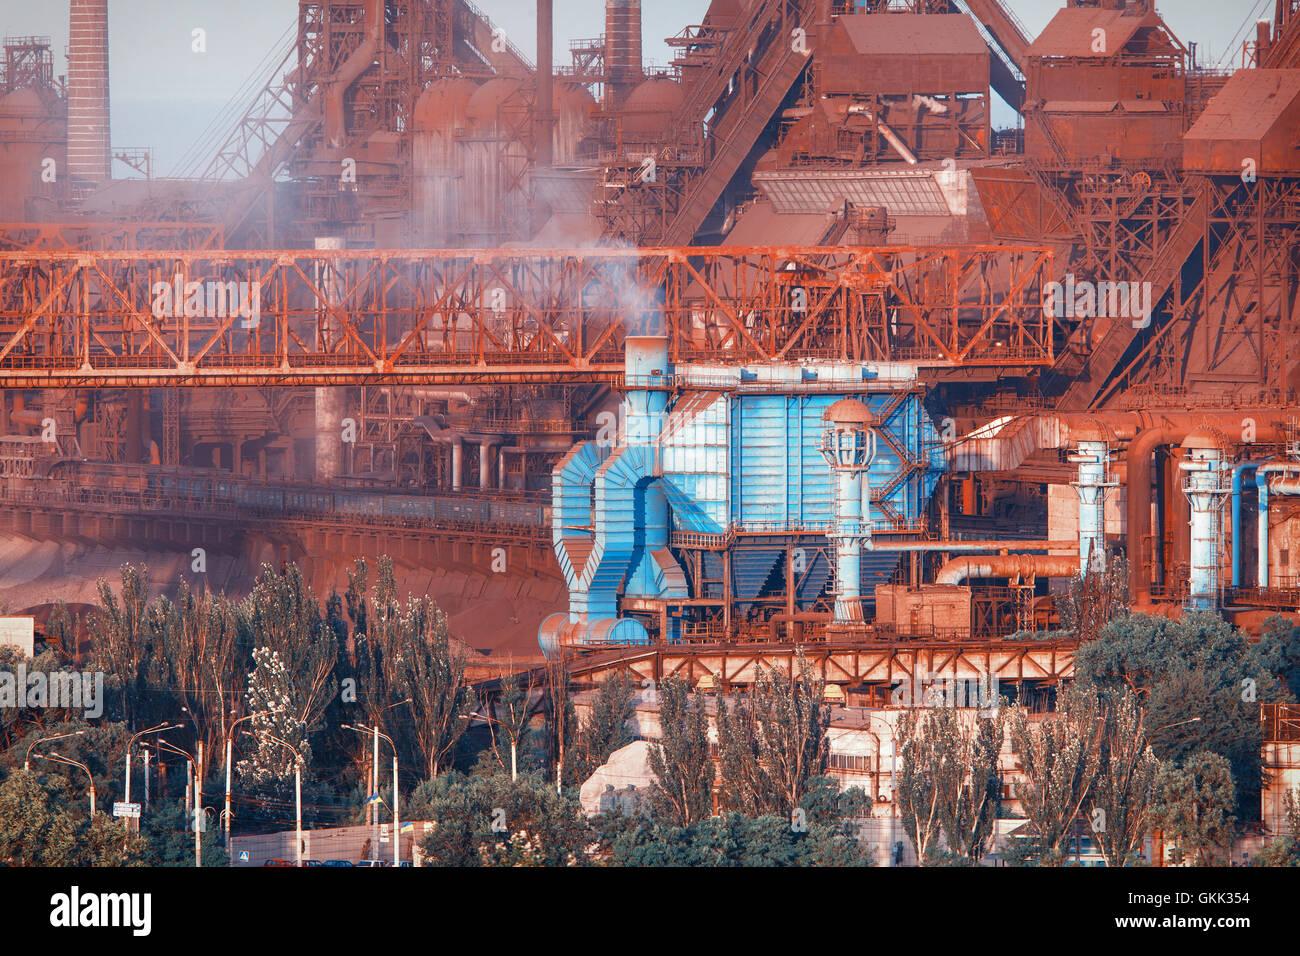 Bâtiments industriels . Usine sidérurgique au coucher du soleil. Tuyaux de fumée. Usine métallurgique. steelworks, iron works. Dans l'industrie lourde Banque D'Images